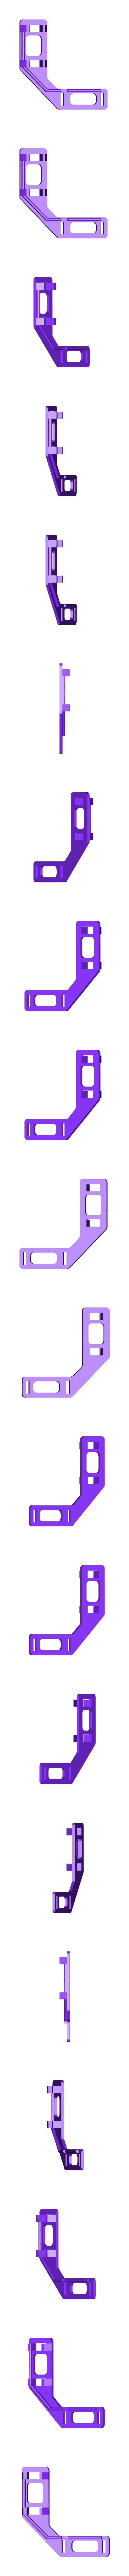 baseplate.stl Télécharger fichier STL gratuit Joystick PS4 • Design à imprimer en 3D, Osichan